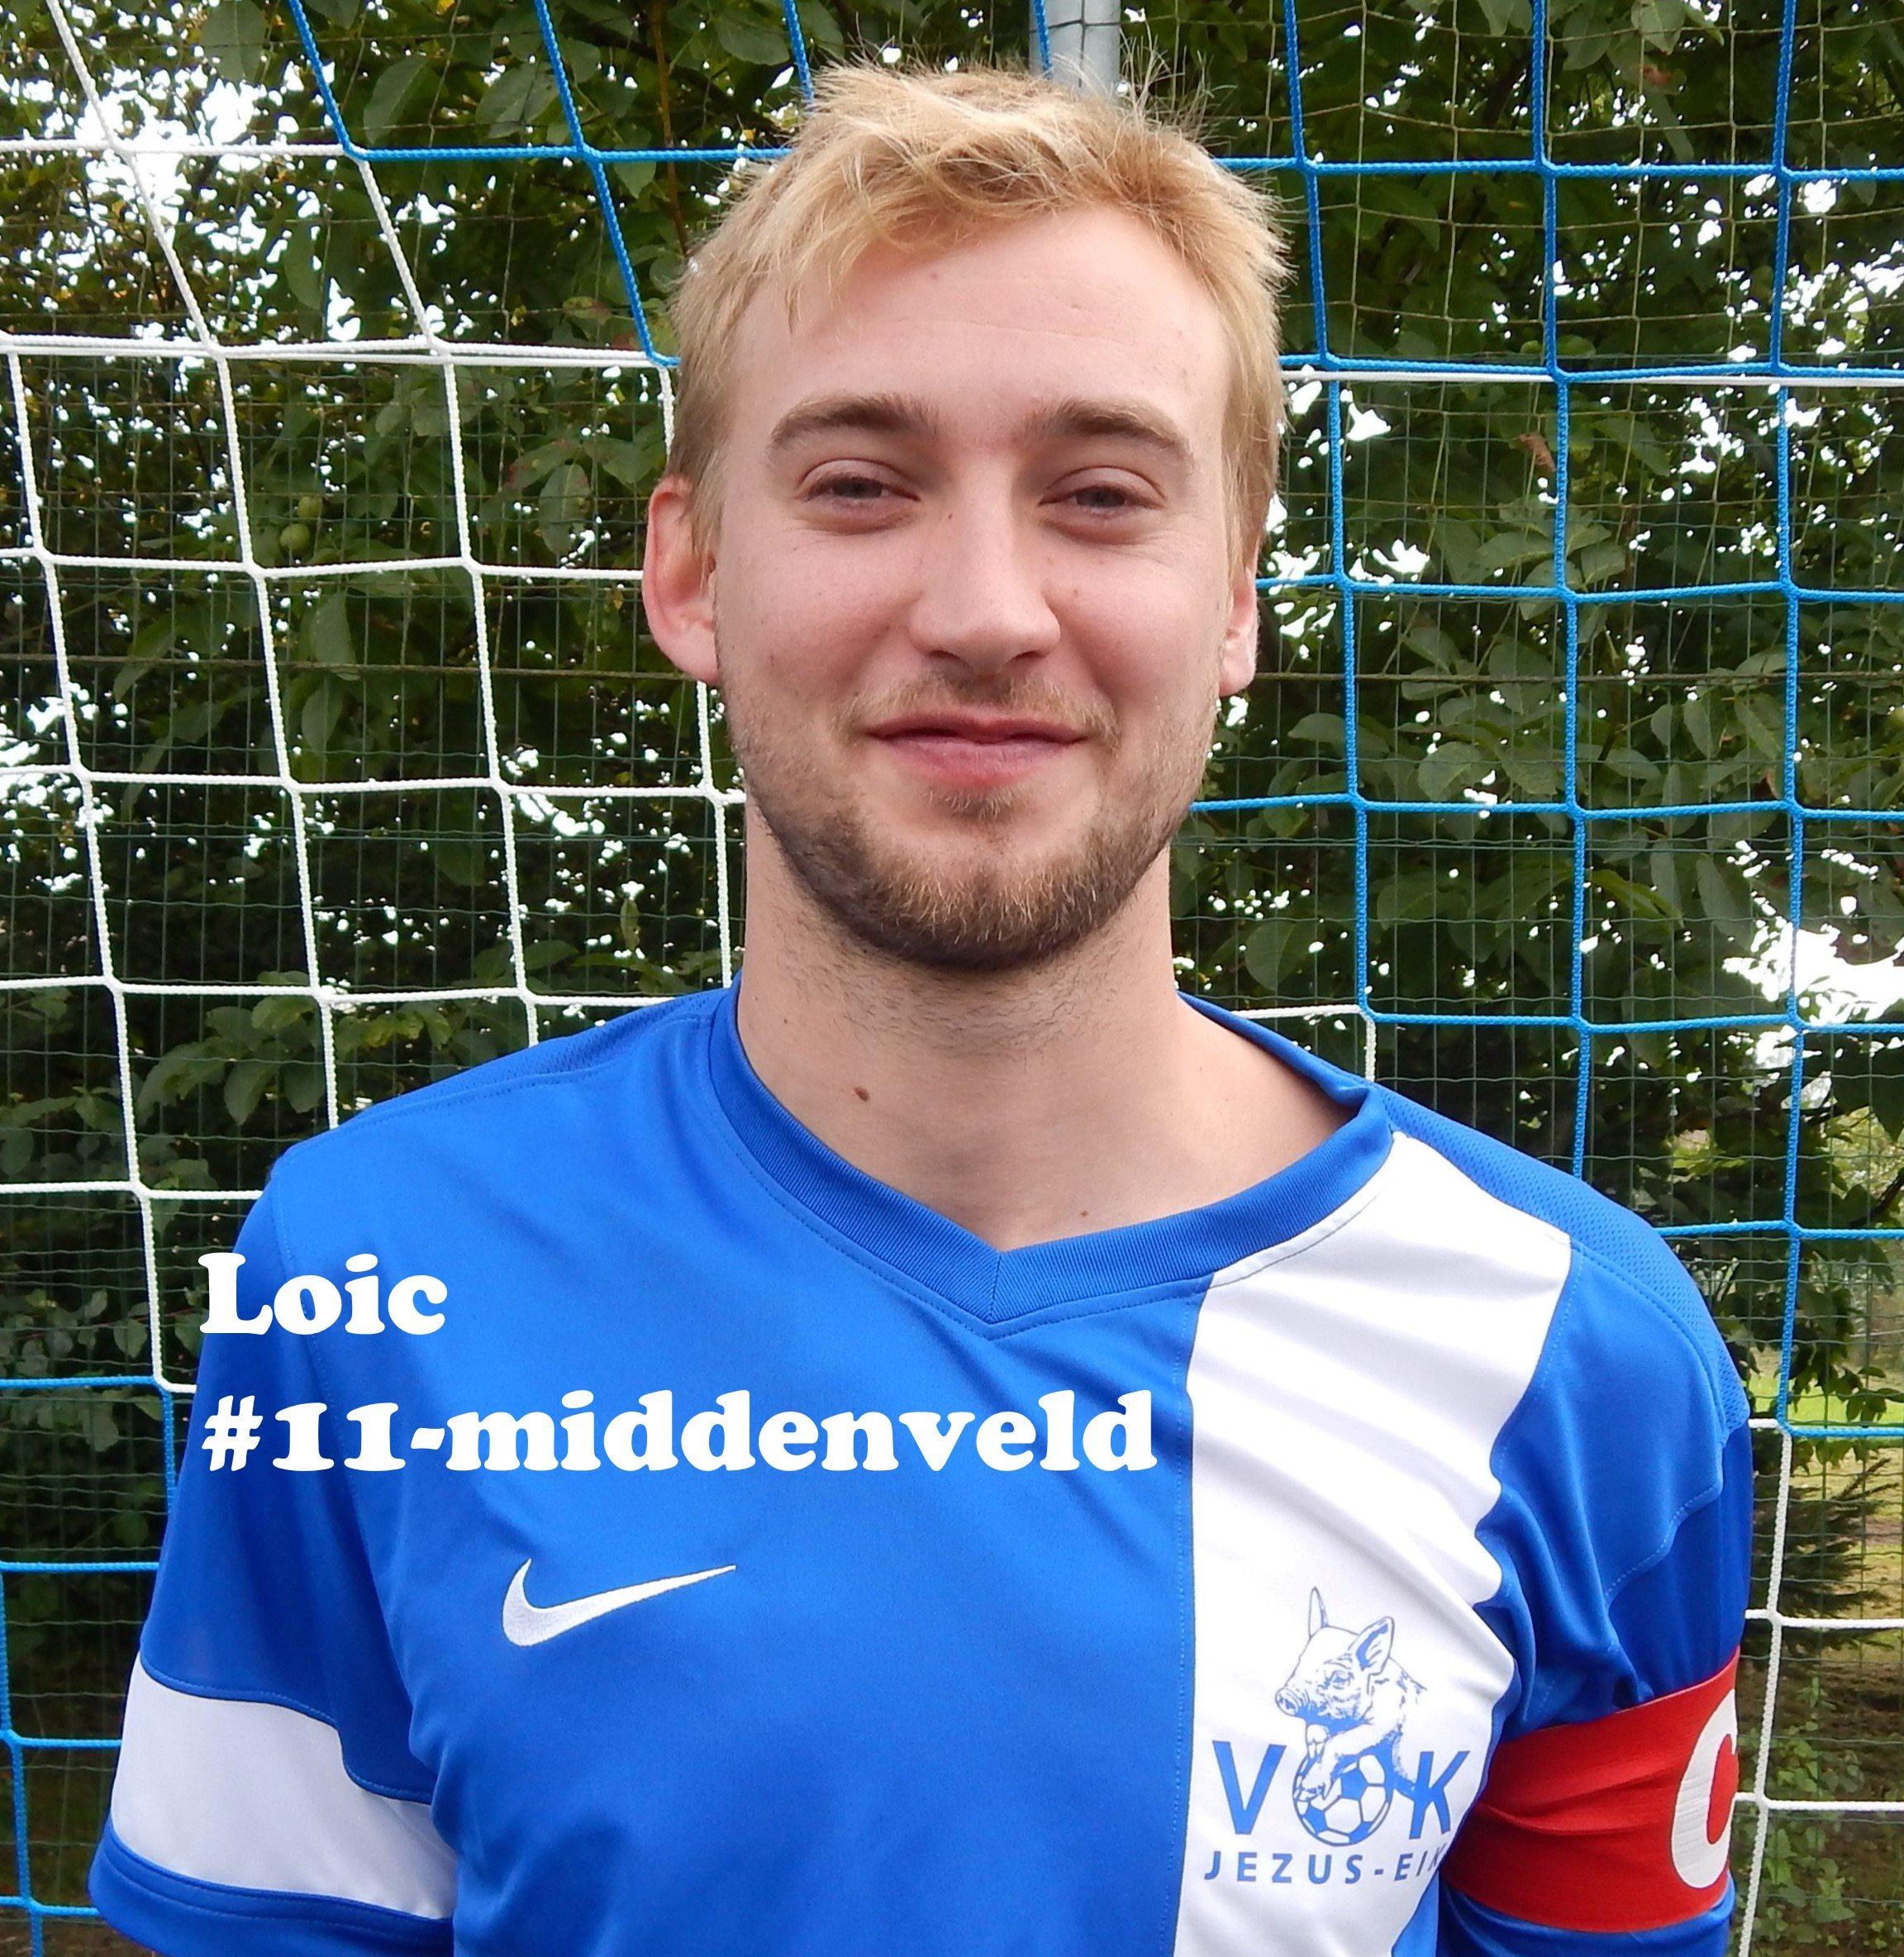 Loic - Middenveld - 11